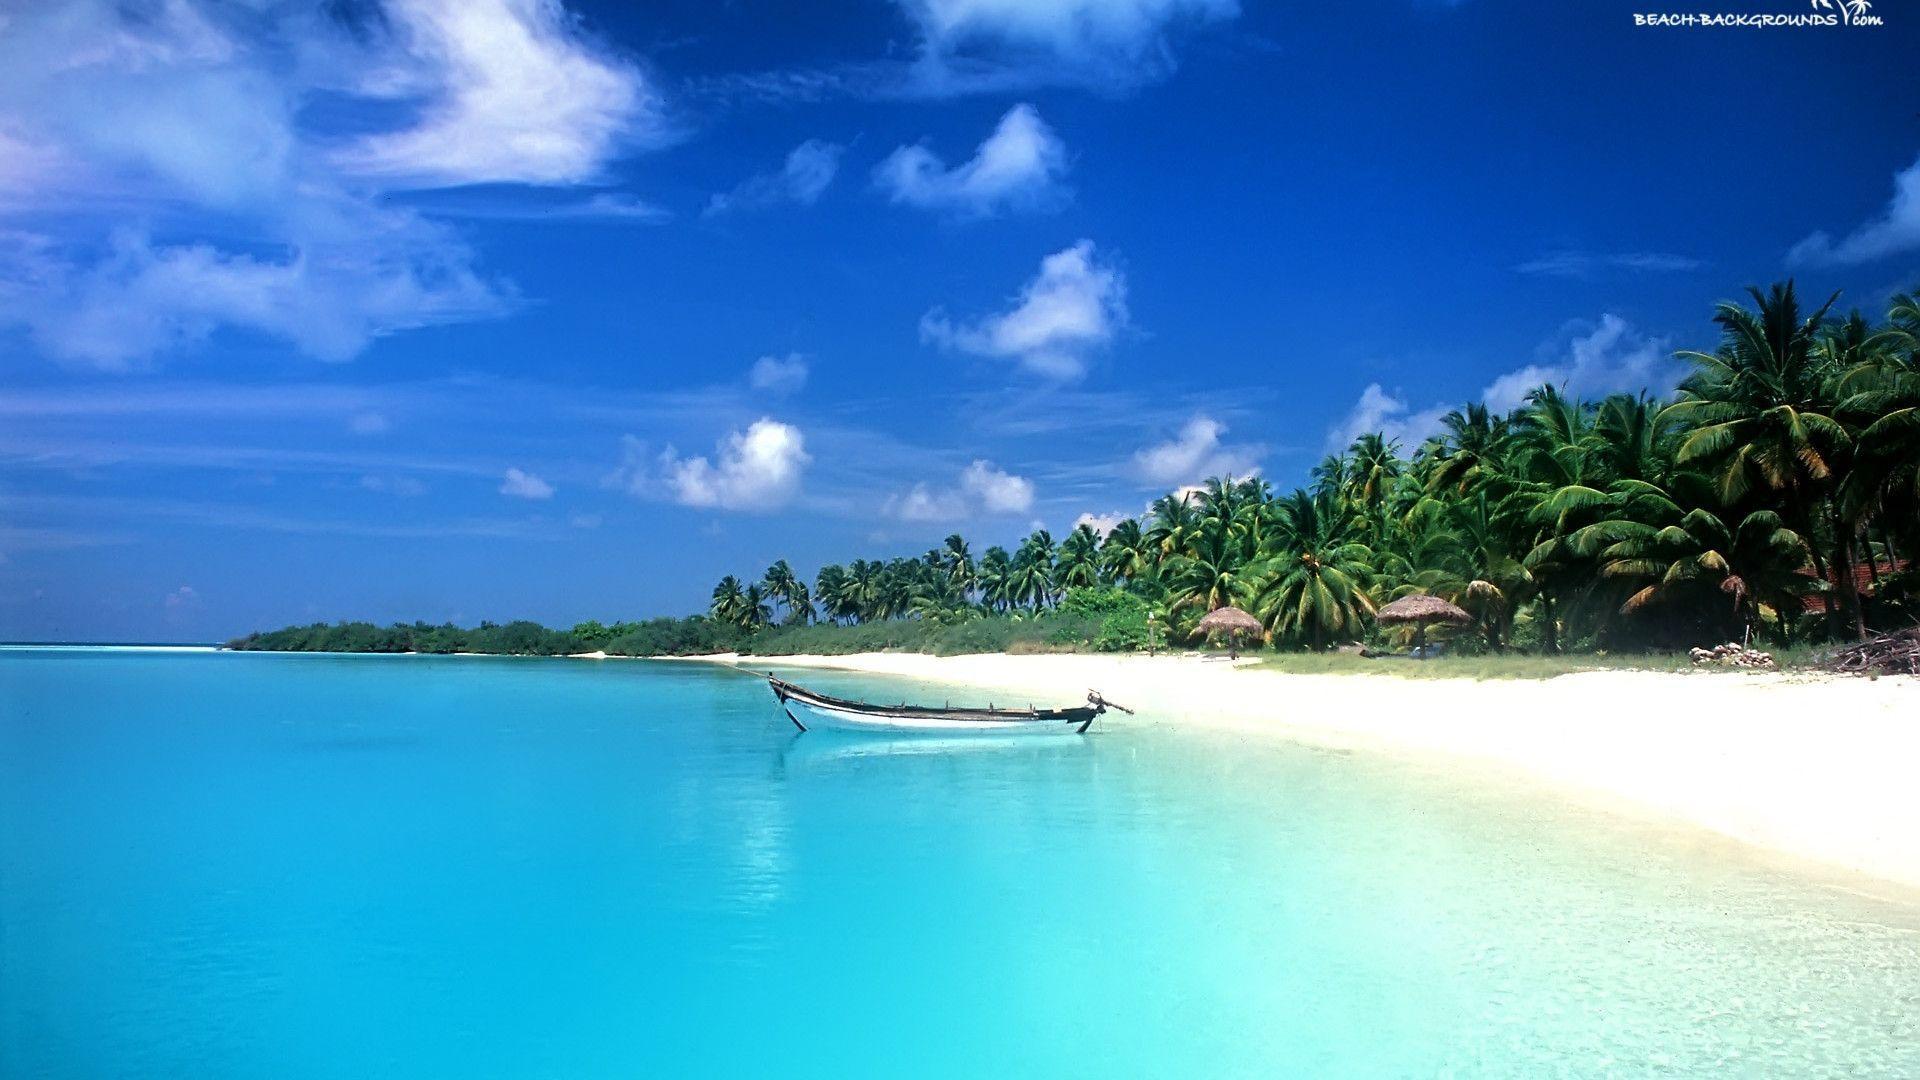 59 best free hd beach desktop wallpapers - wallpaperaccess